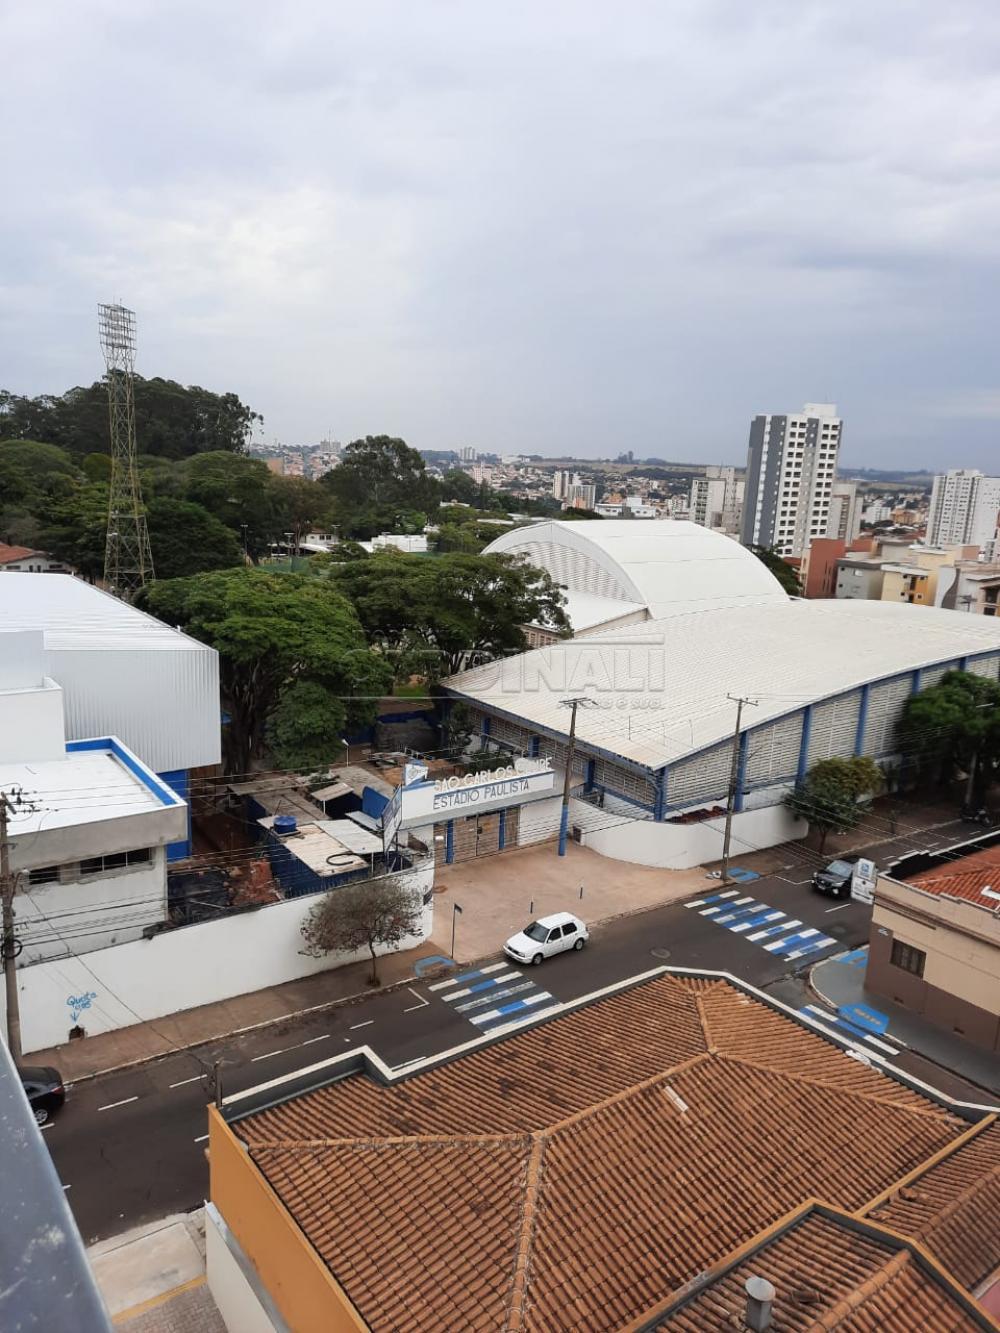 Alugar Apartamento / Padrão em São Carlos R$ 1.800,00 - Foto 10